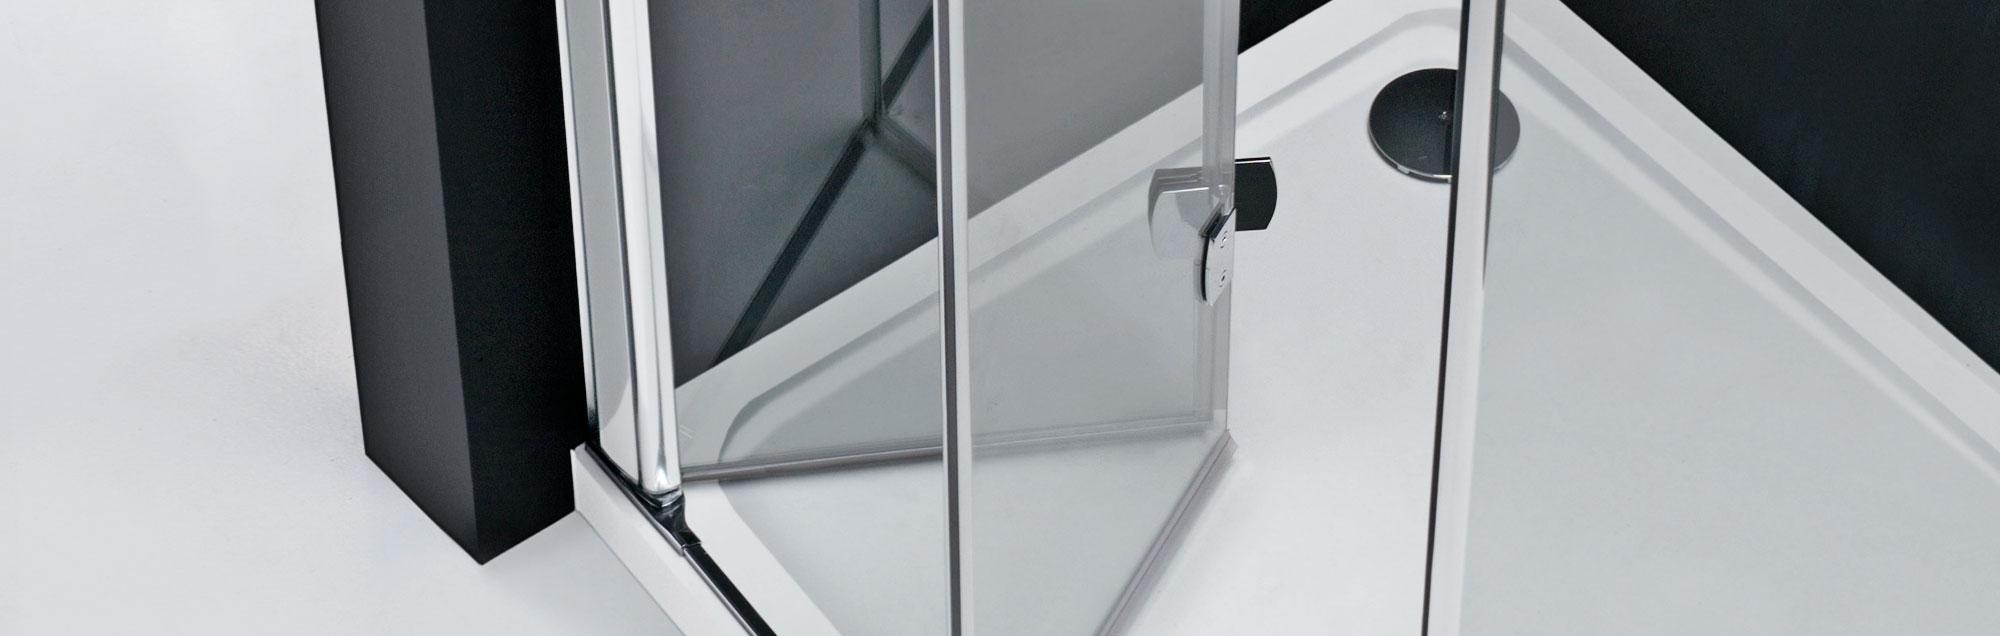 PROFILTEK Duschabtrennungen nach Maß mit Falttüren